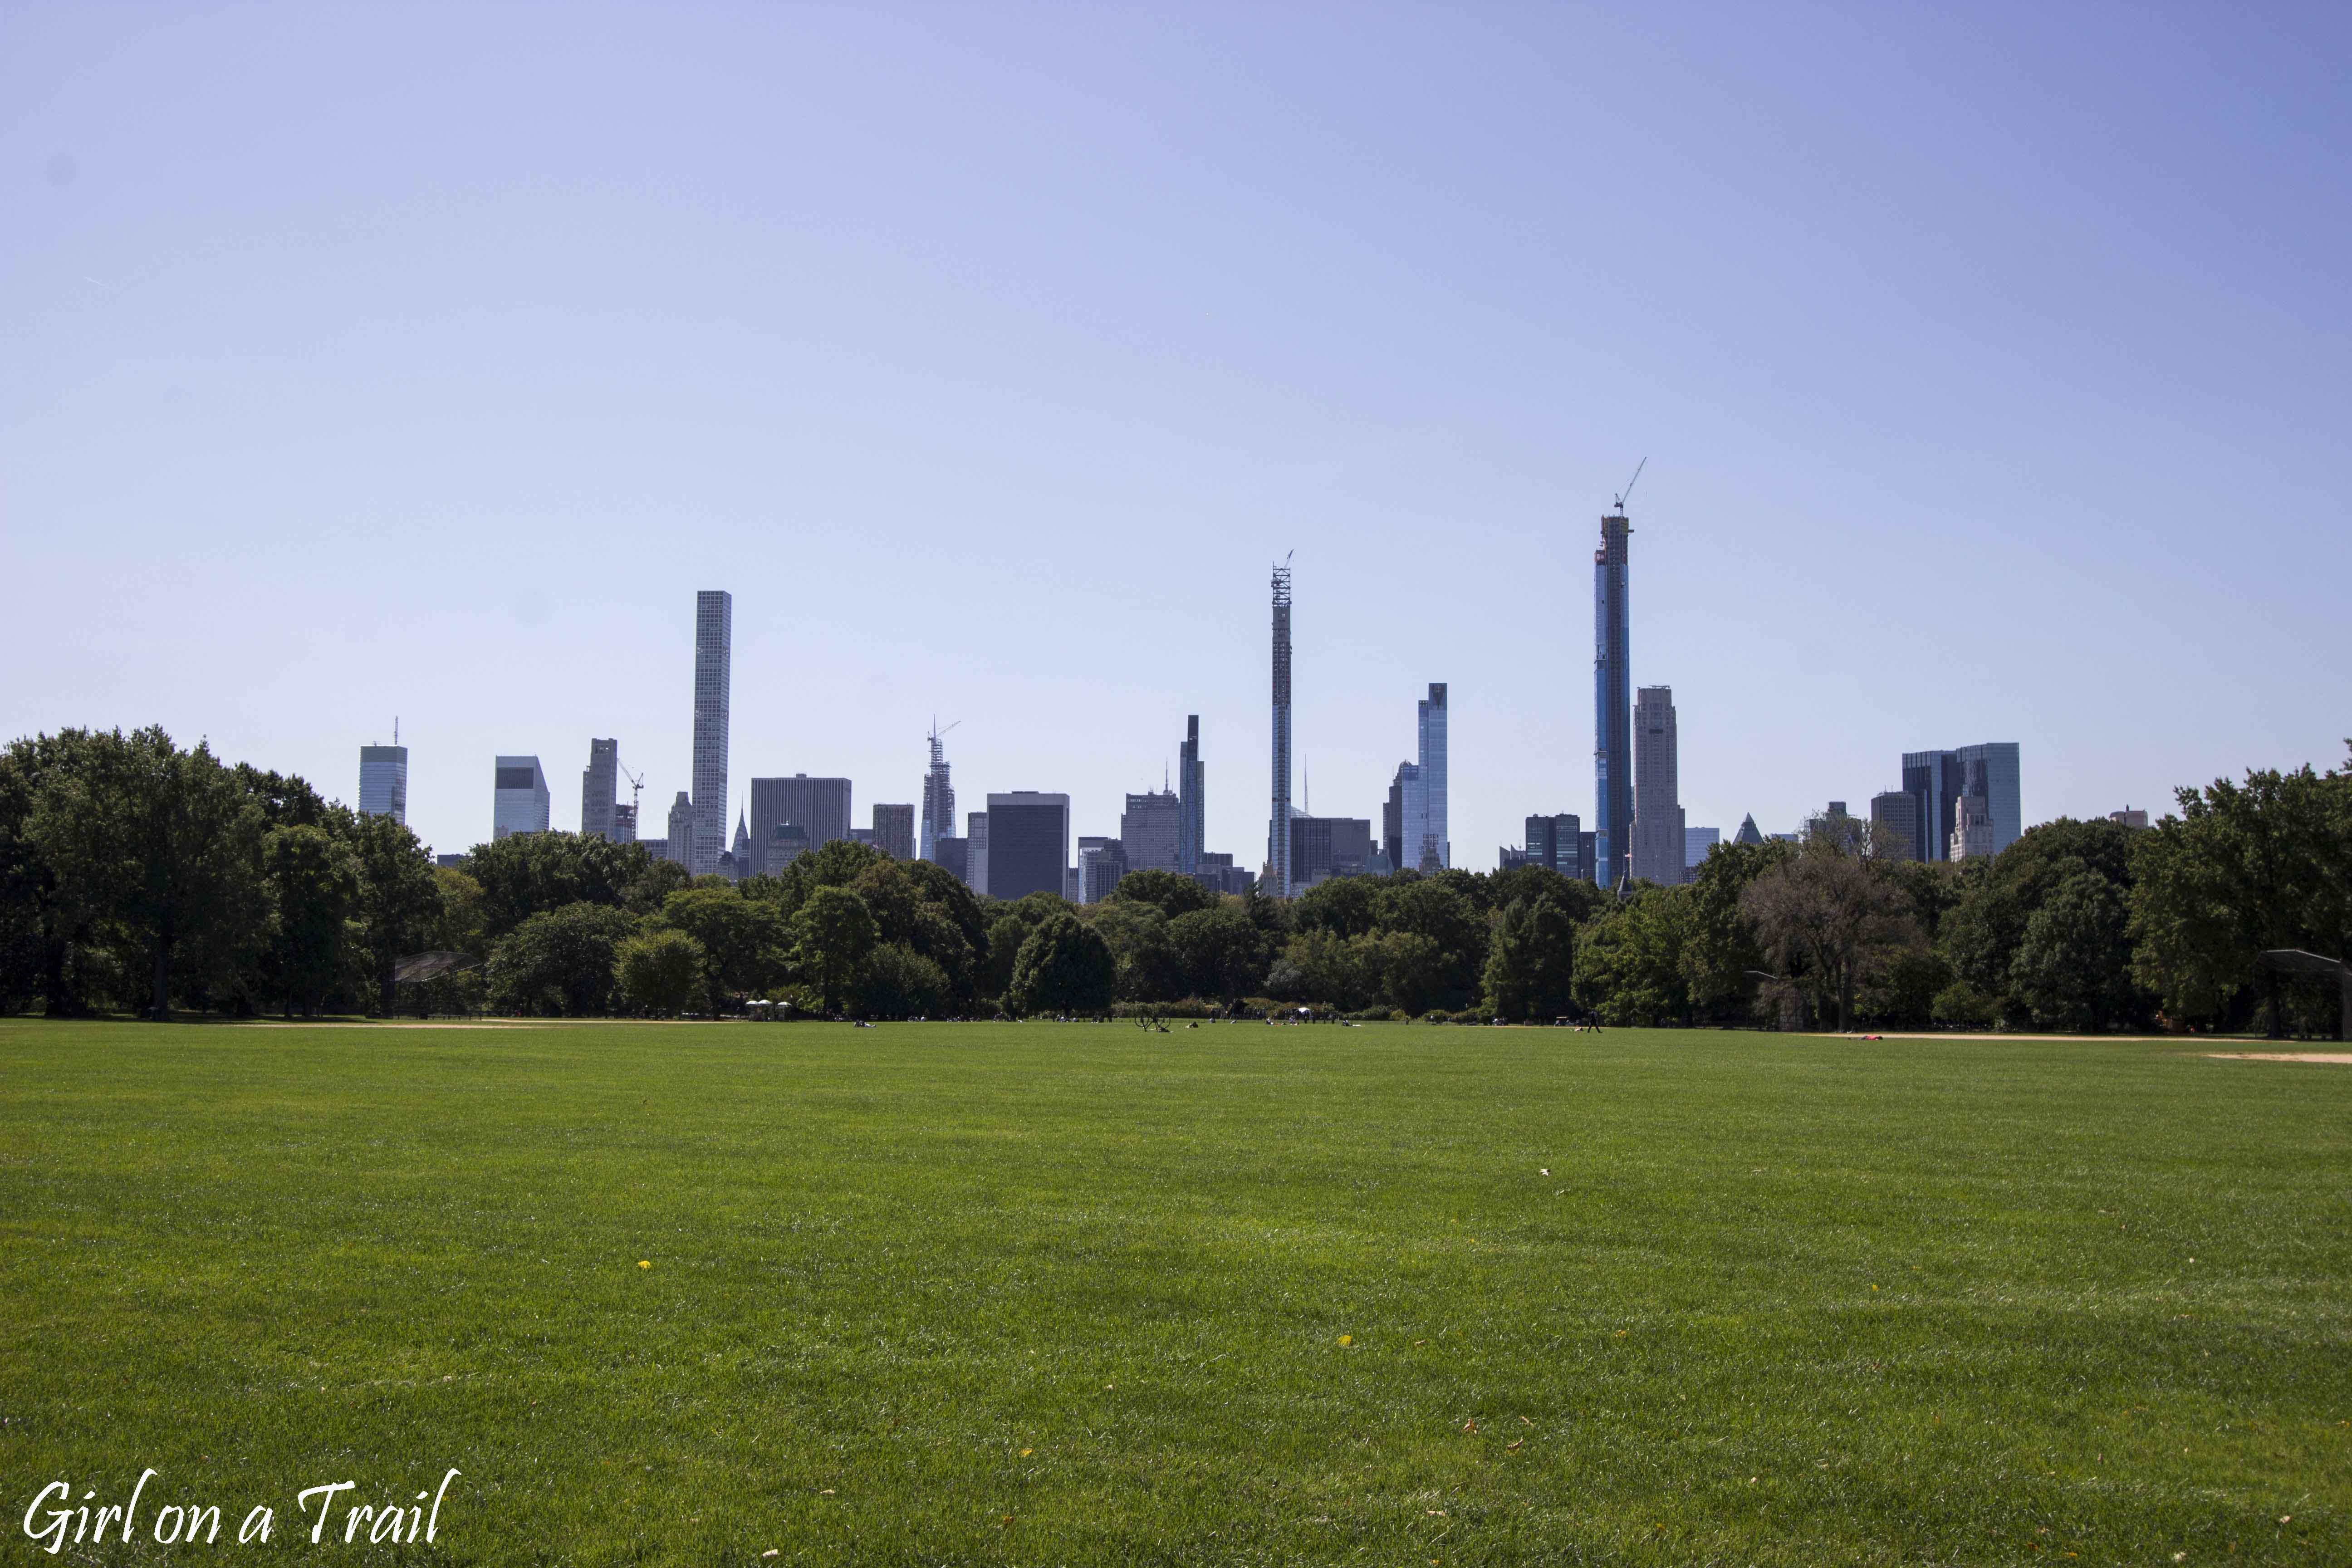 Nowy Jork - Central Park